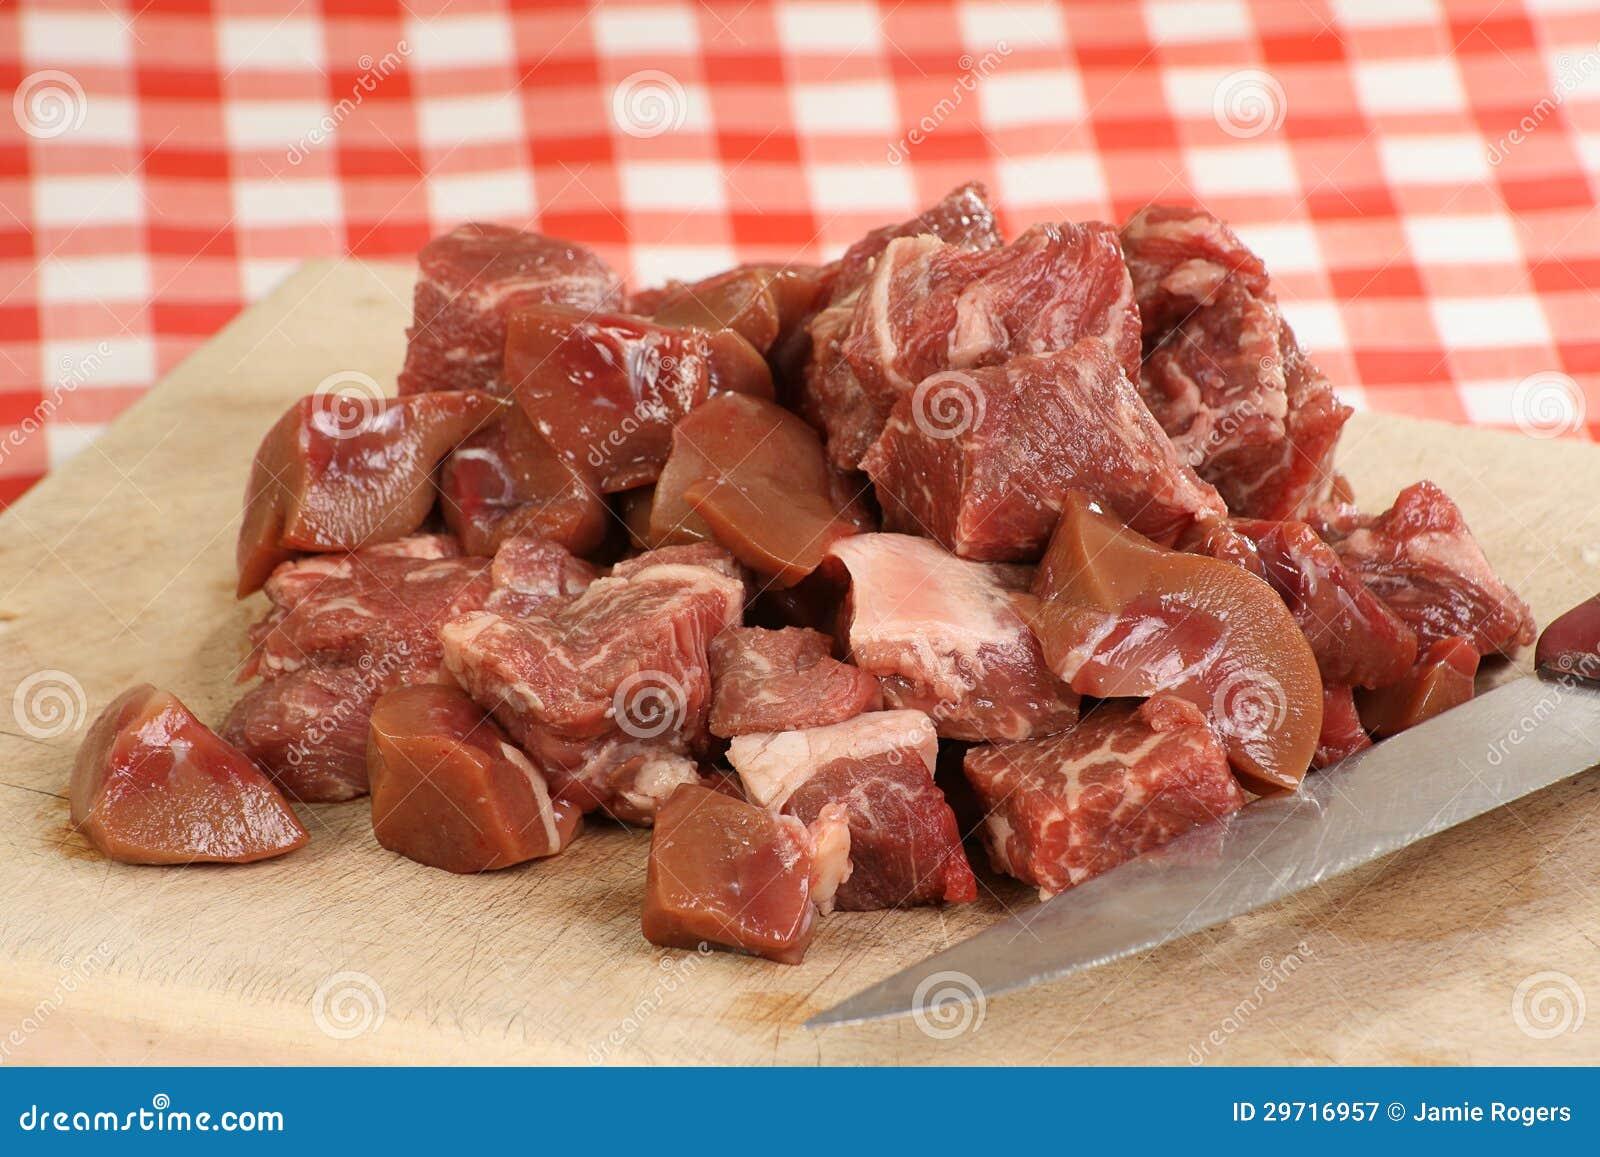 Steak und Niere